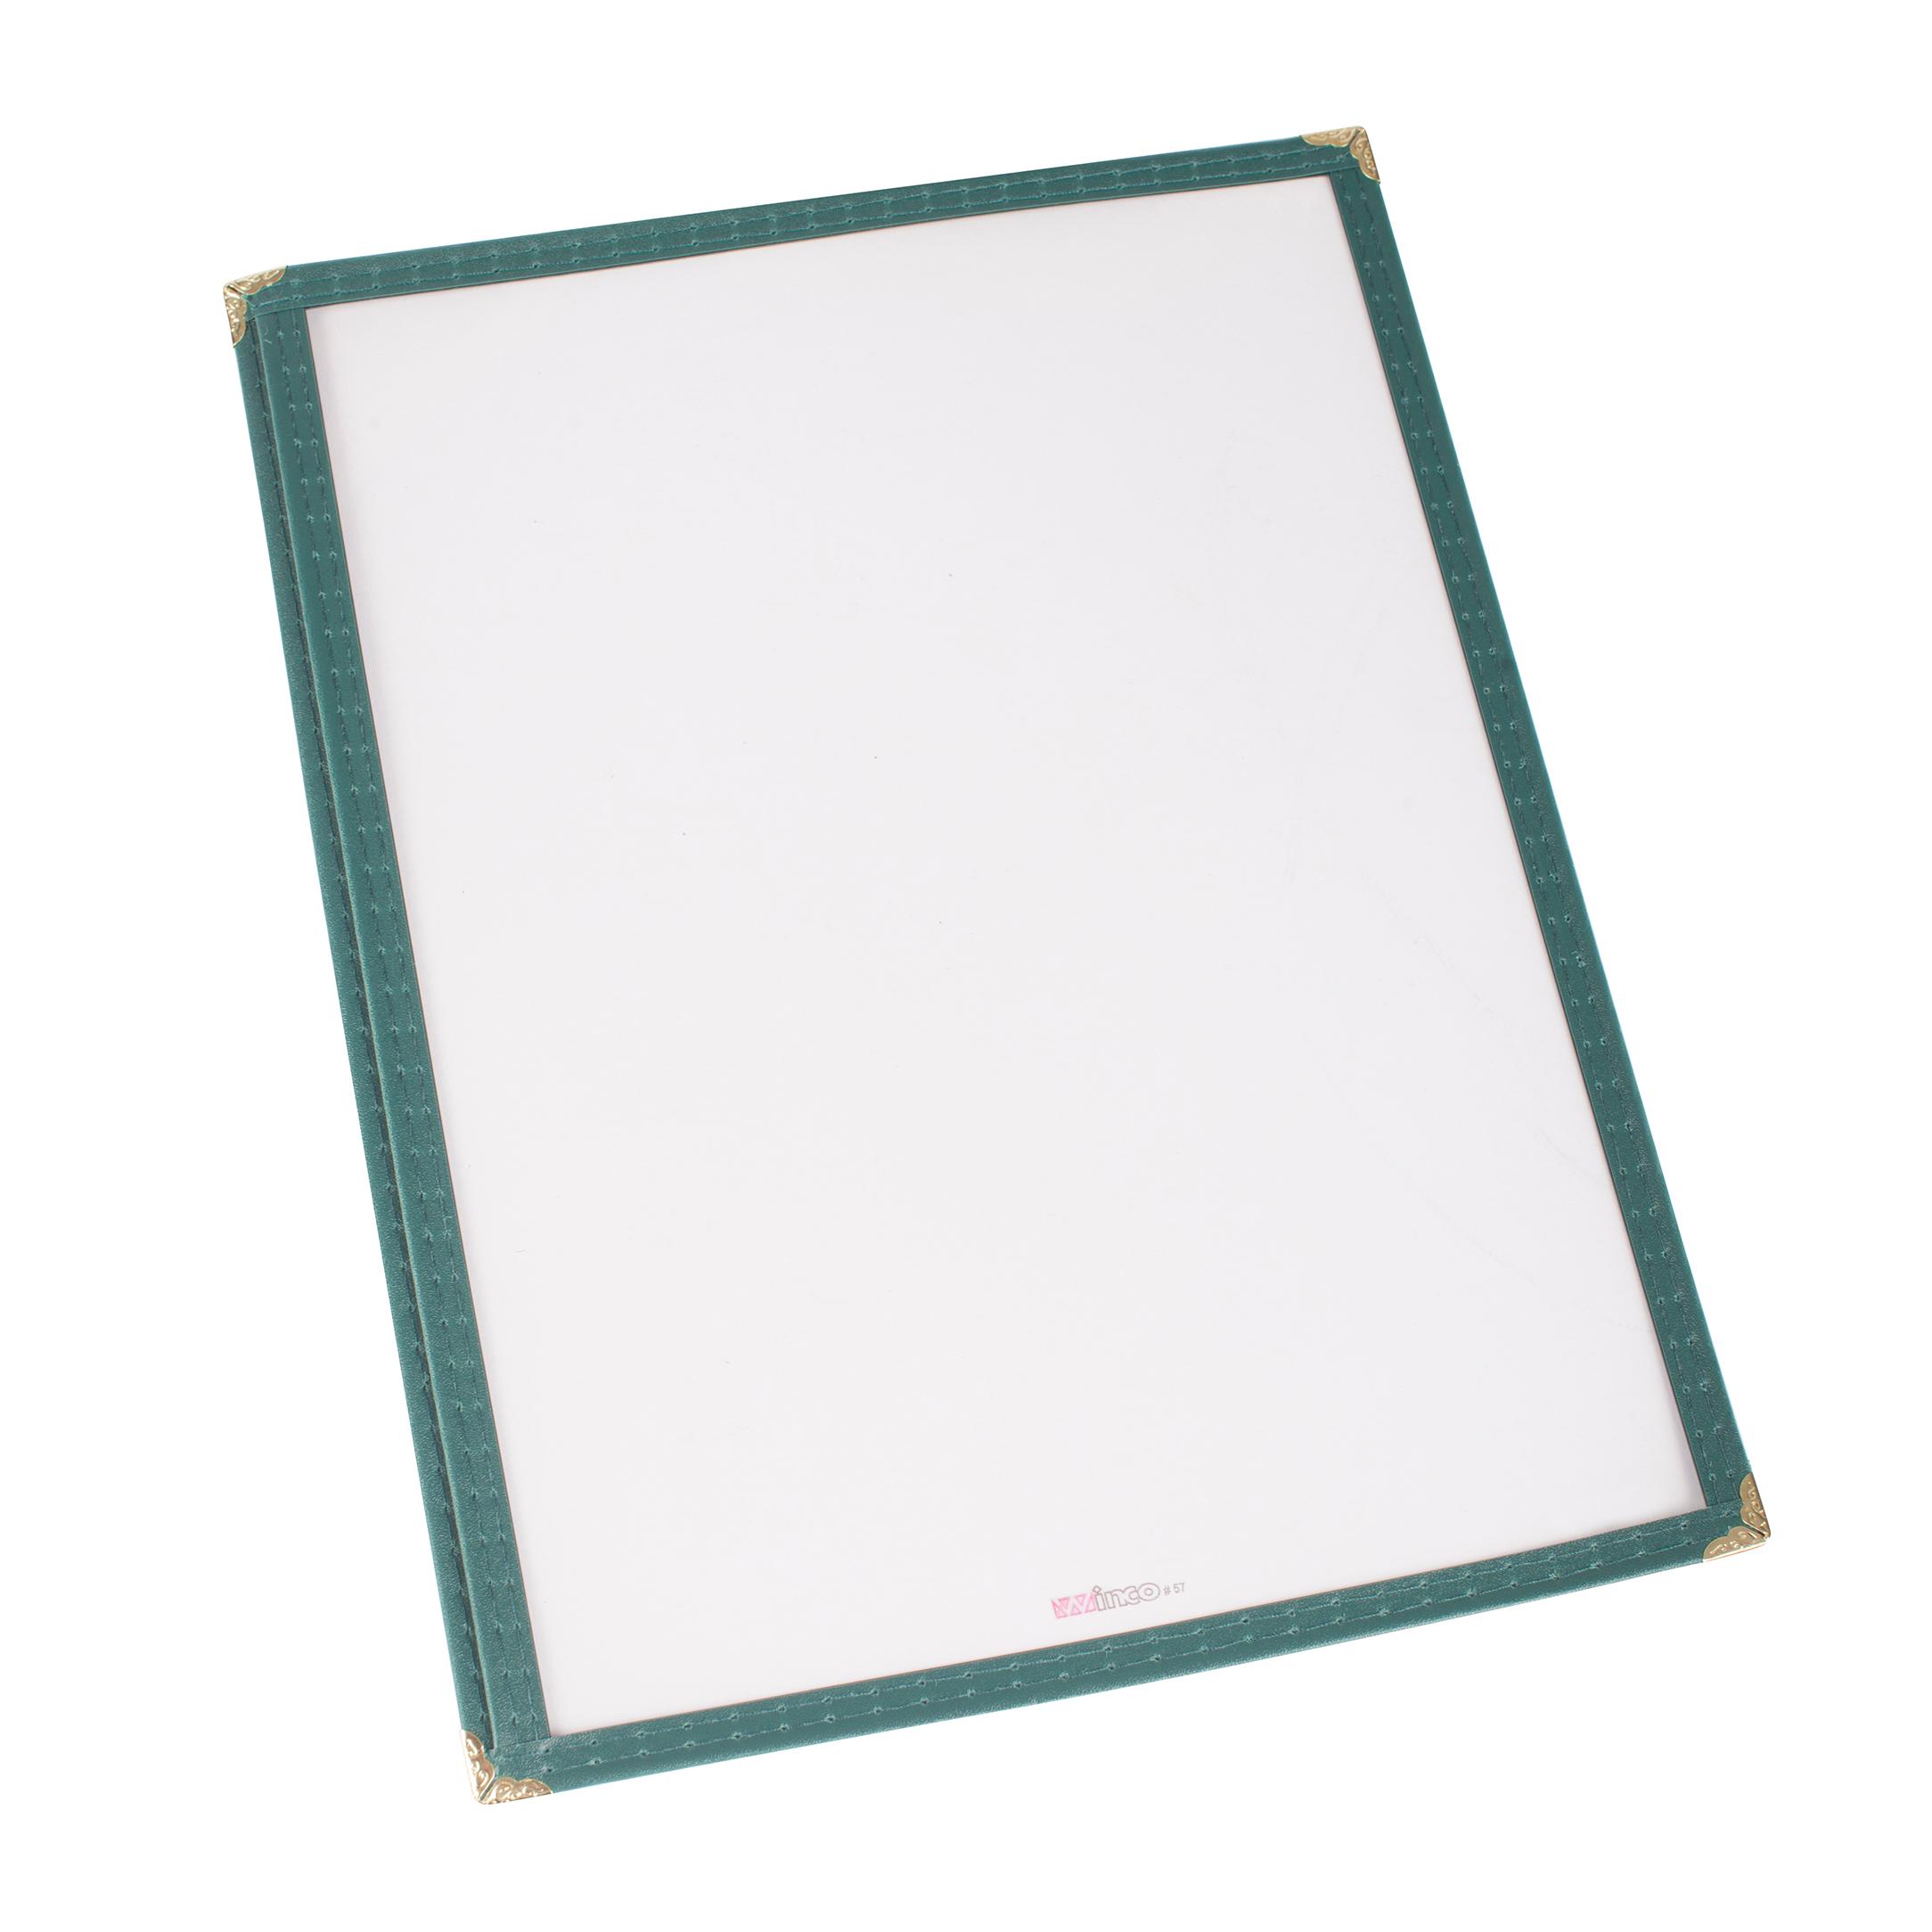 Winco PMC-9G menu cover